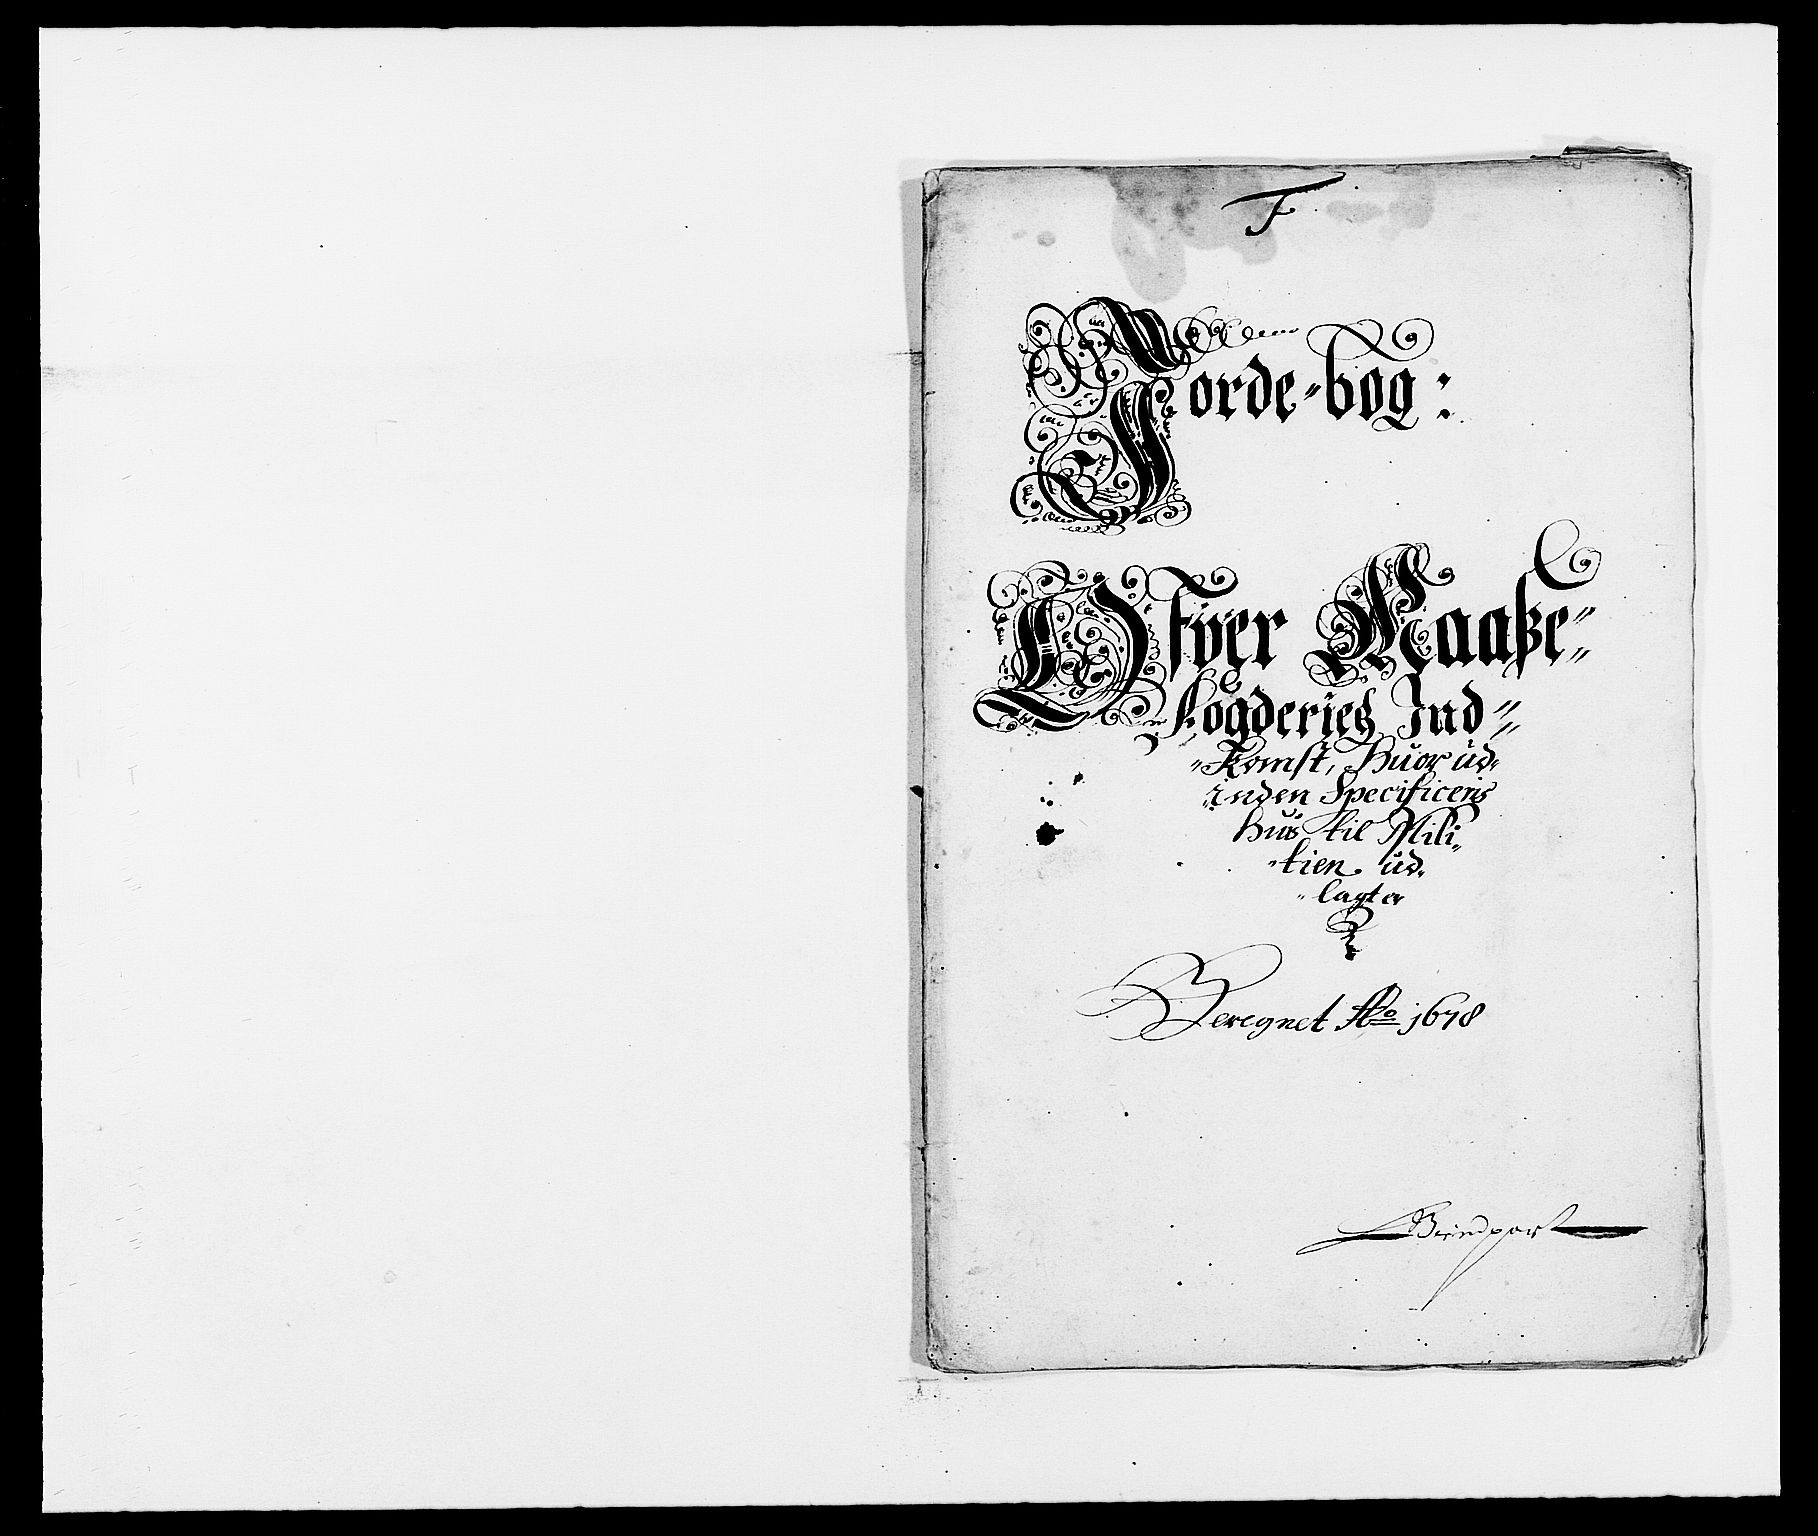 RA, Rentekammeret inntil 1814, Reviderte regnskaper, Fogderegnskap, R02/L0099: Fogderegnskap Moss og Verne kloster, 1678, s. 130